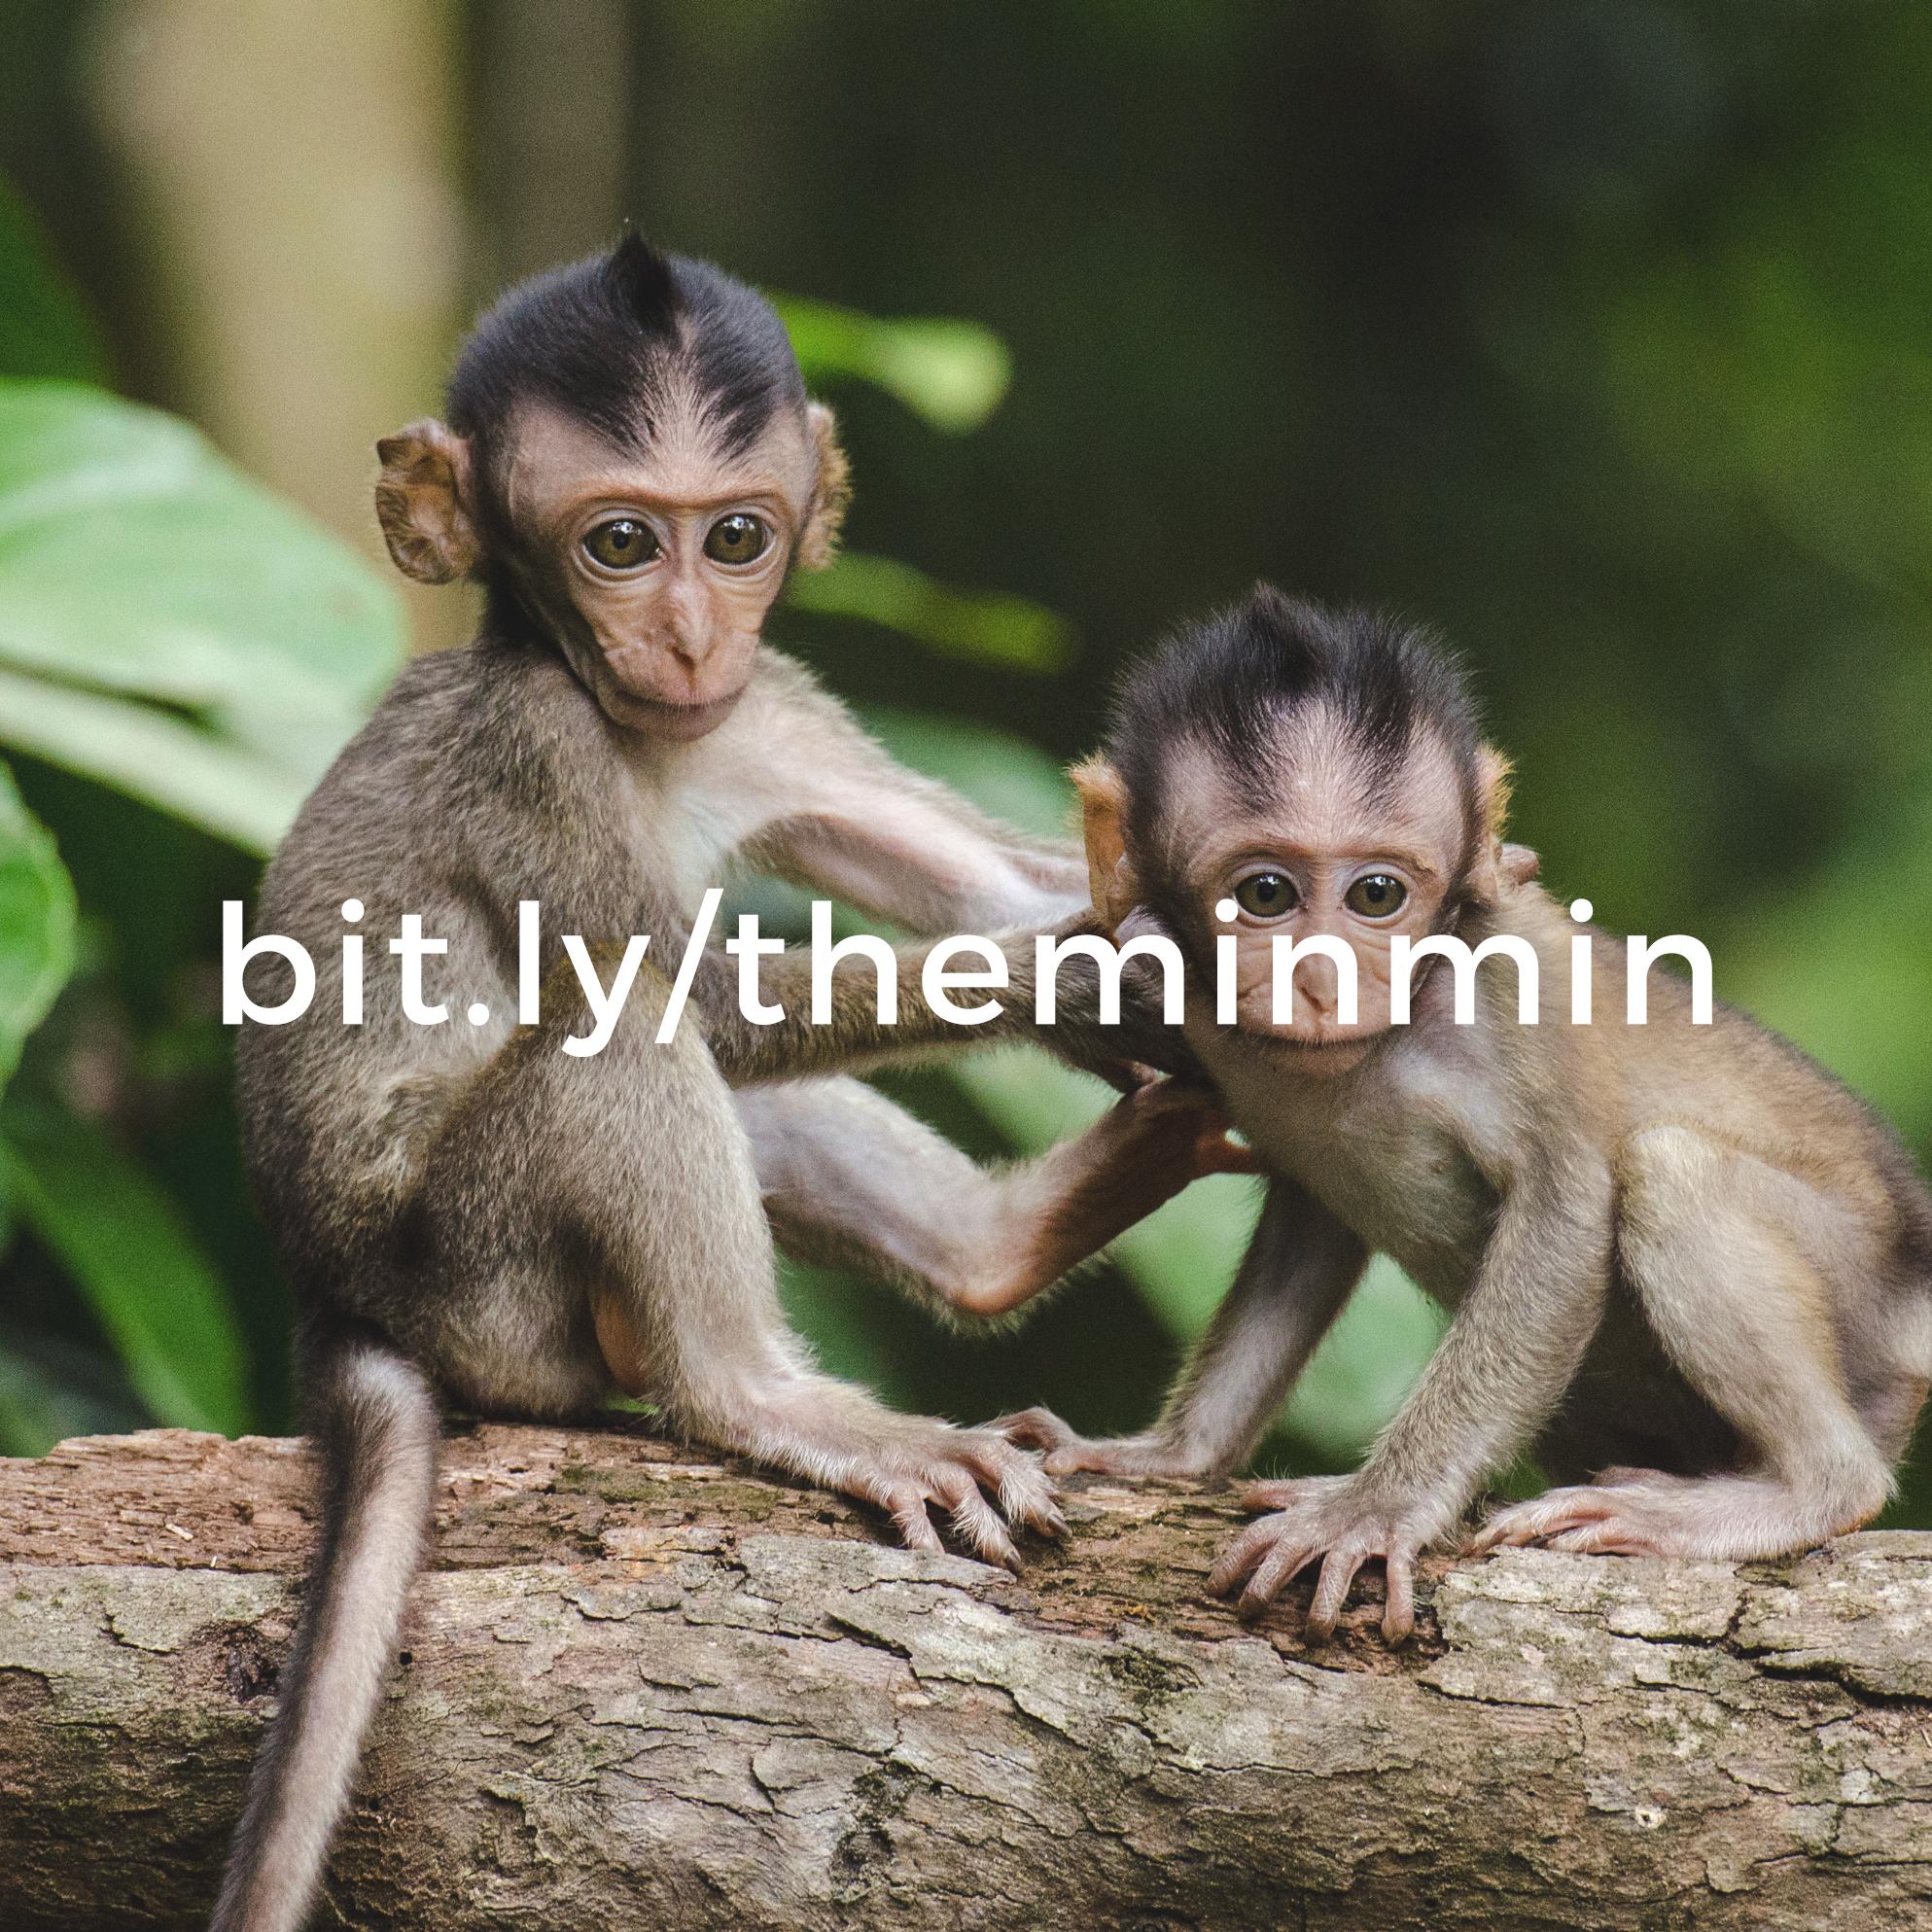 monkeys-bitly.jpg